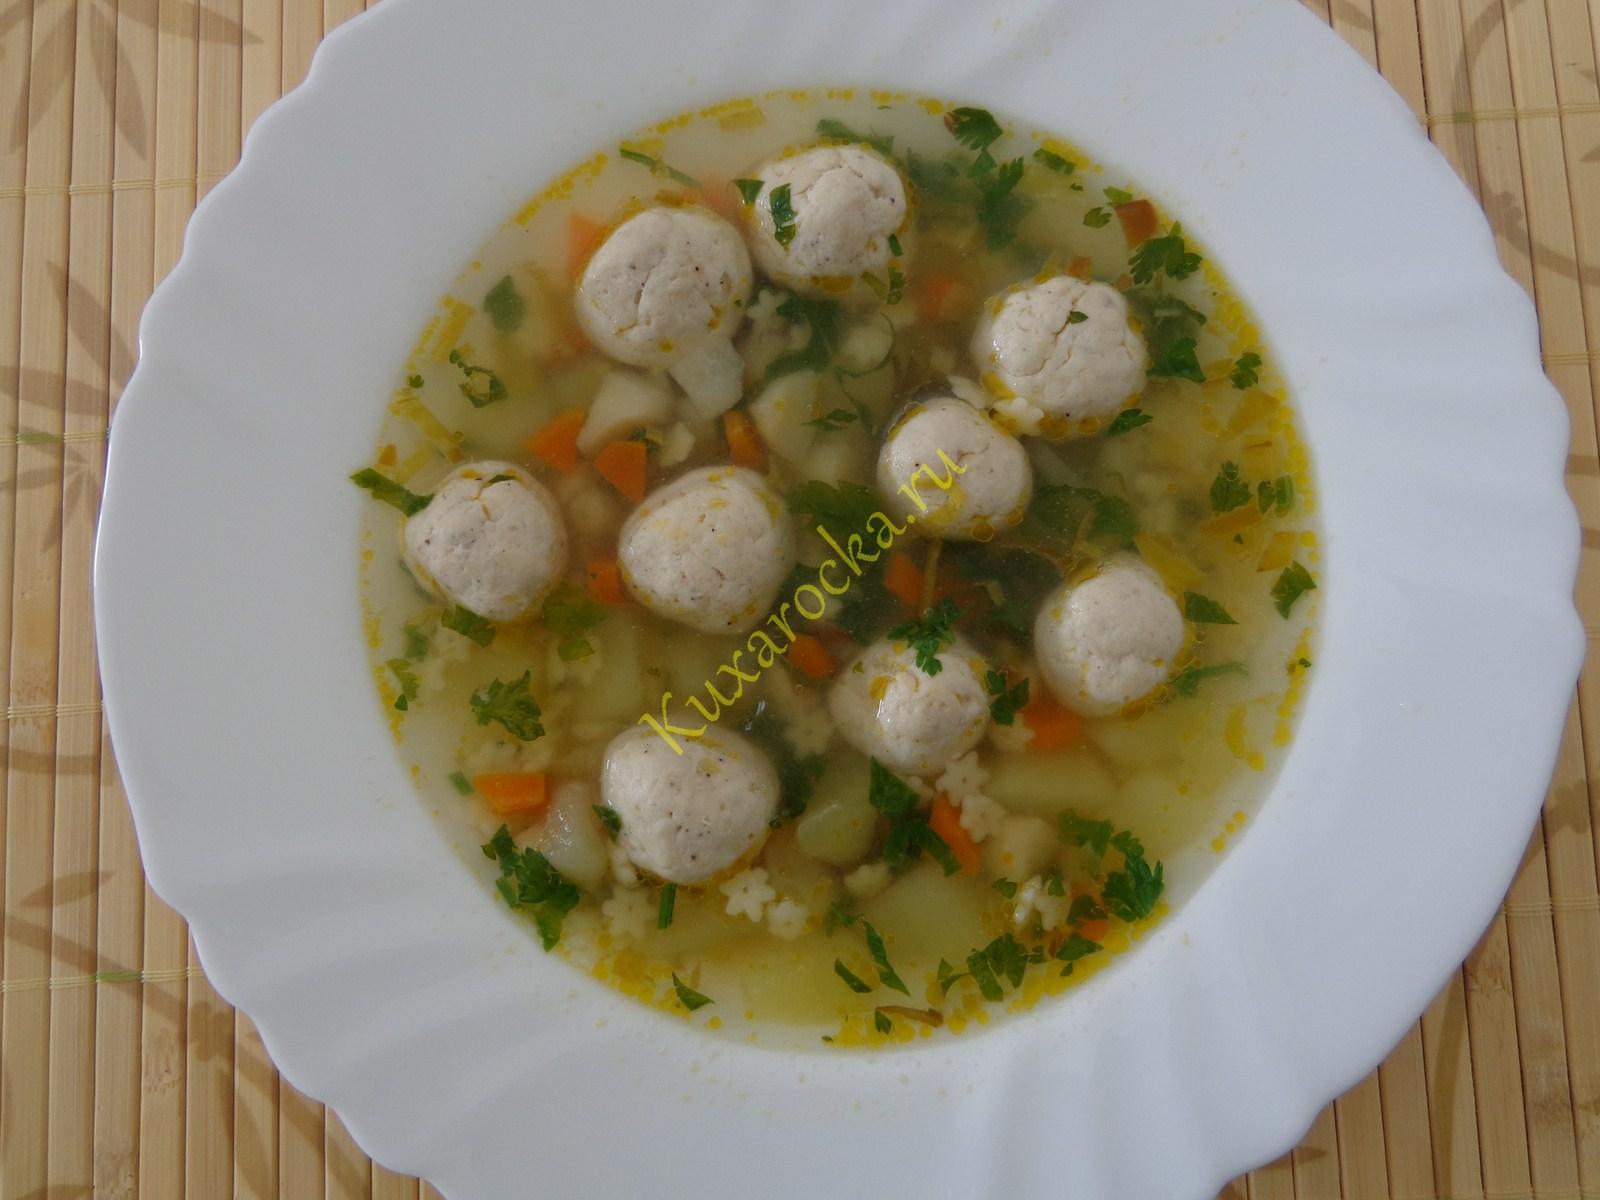 суп с фрикадельками куриными рецепт с фото пошагово